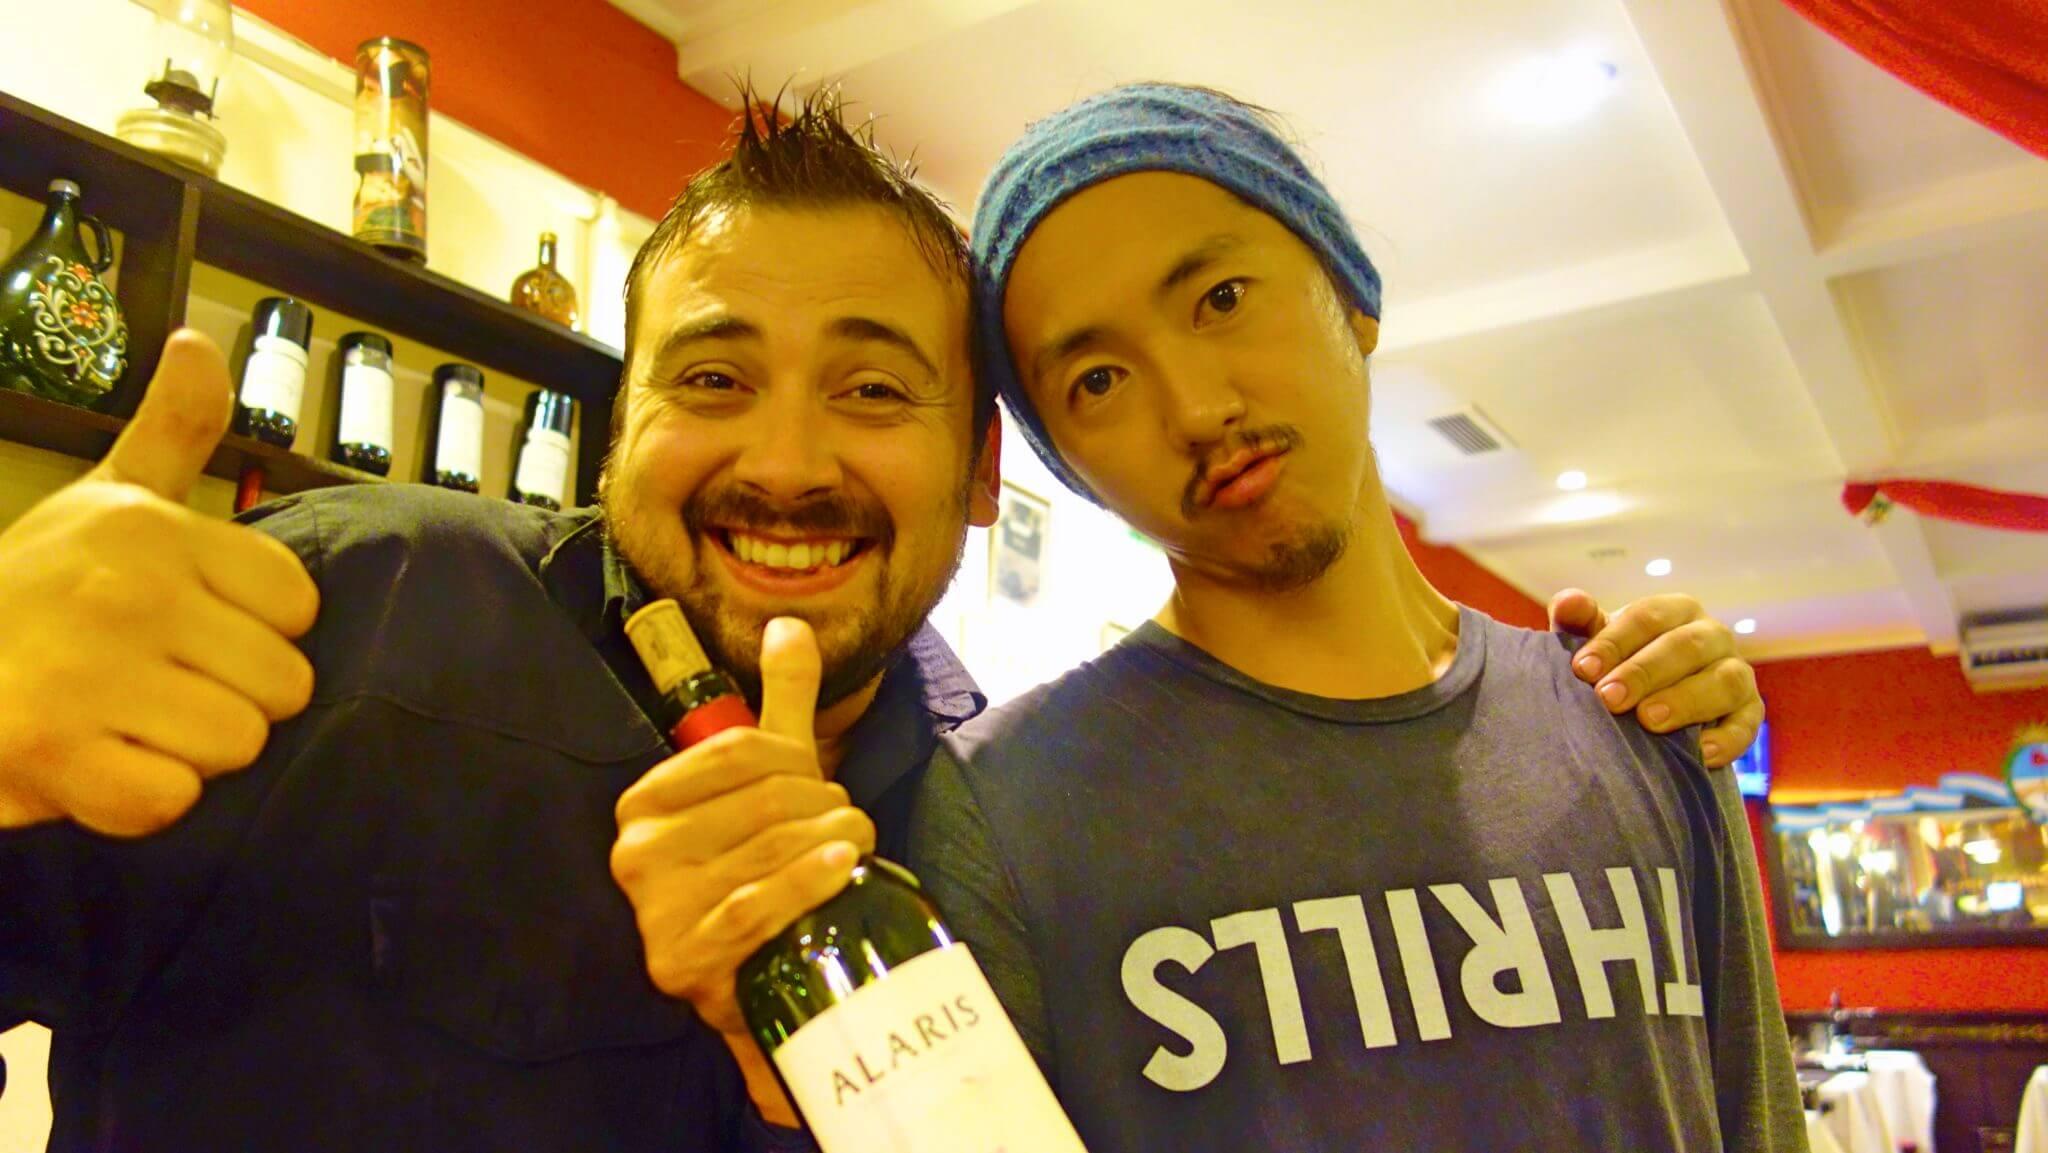 ブエノスアイレスのグルメ情報!最強ステーキとワイン大国!